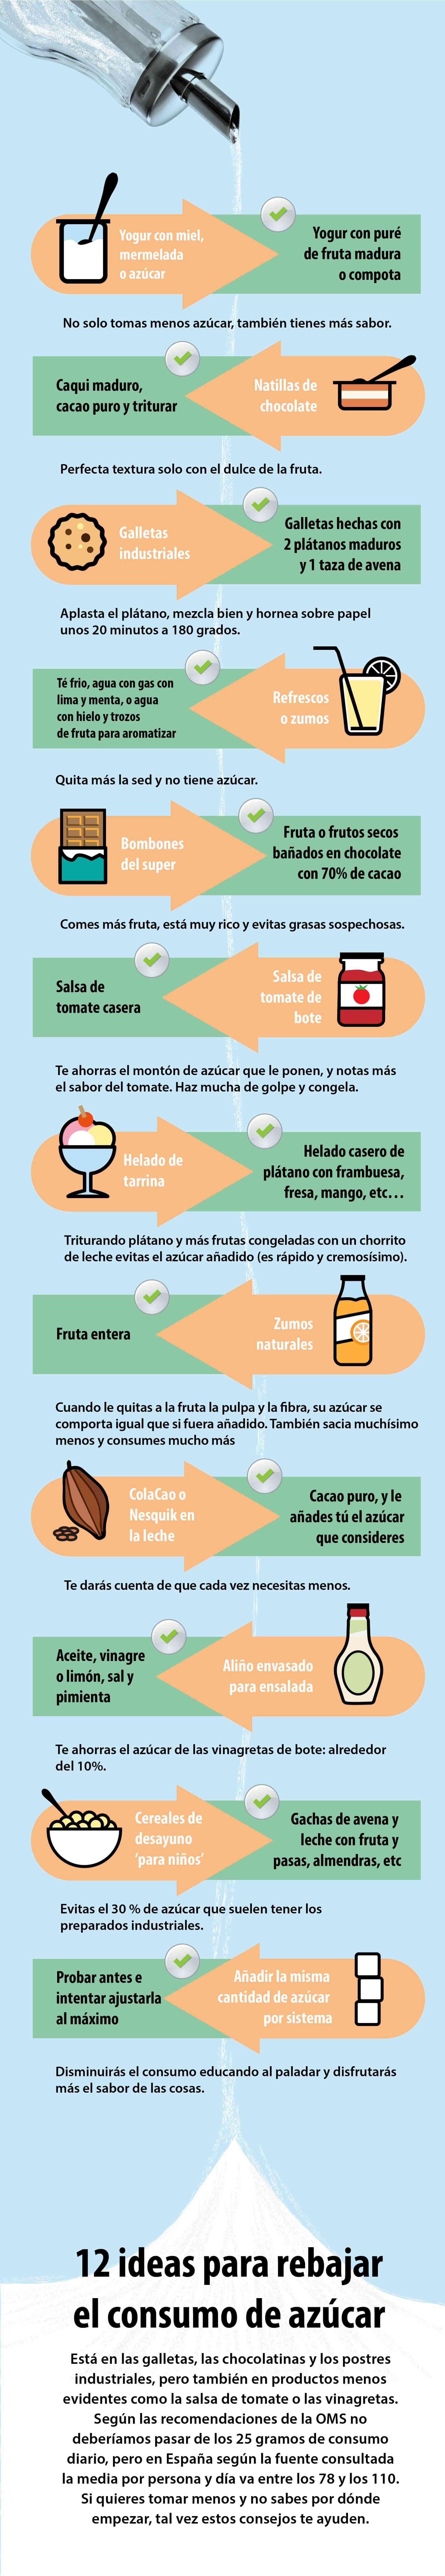 ideas para rebajar el consumo de azucar